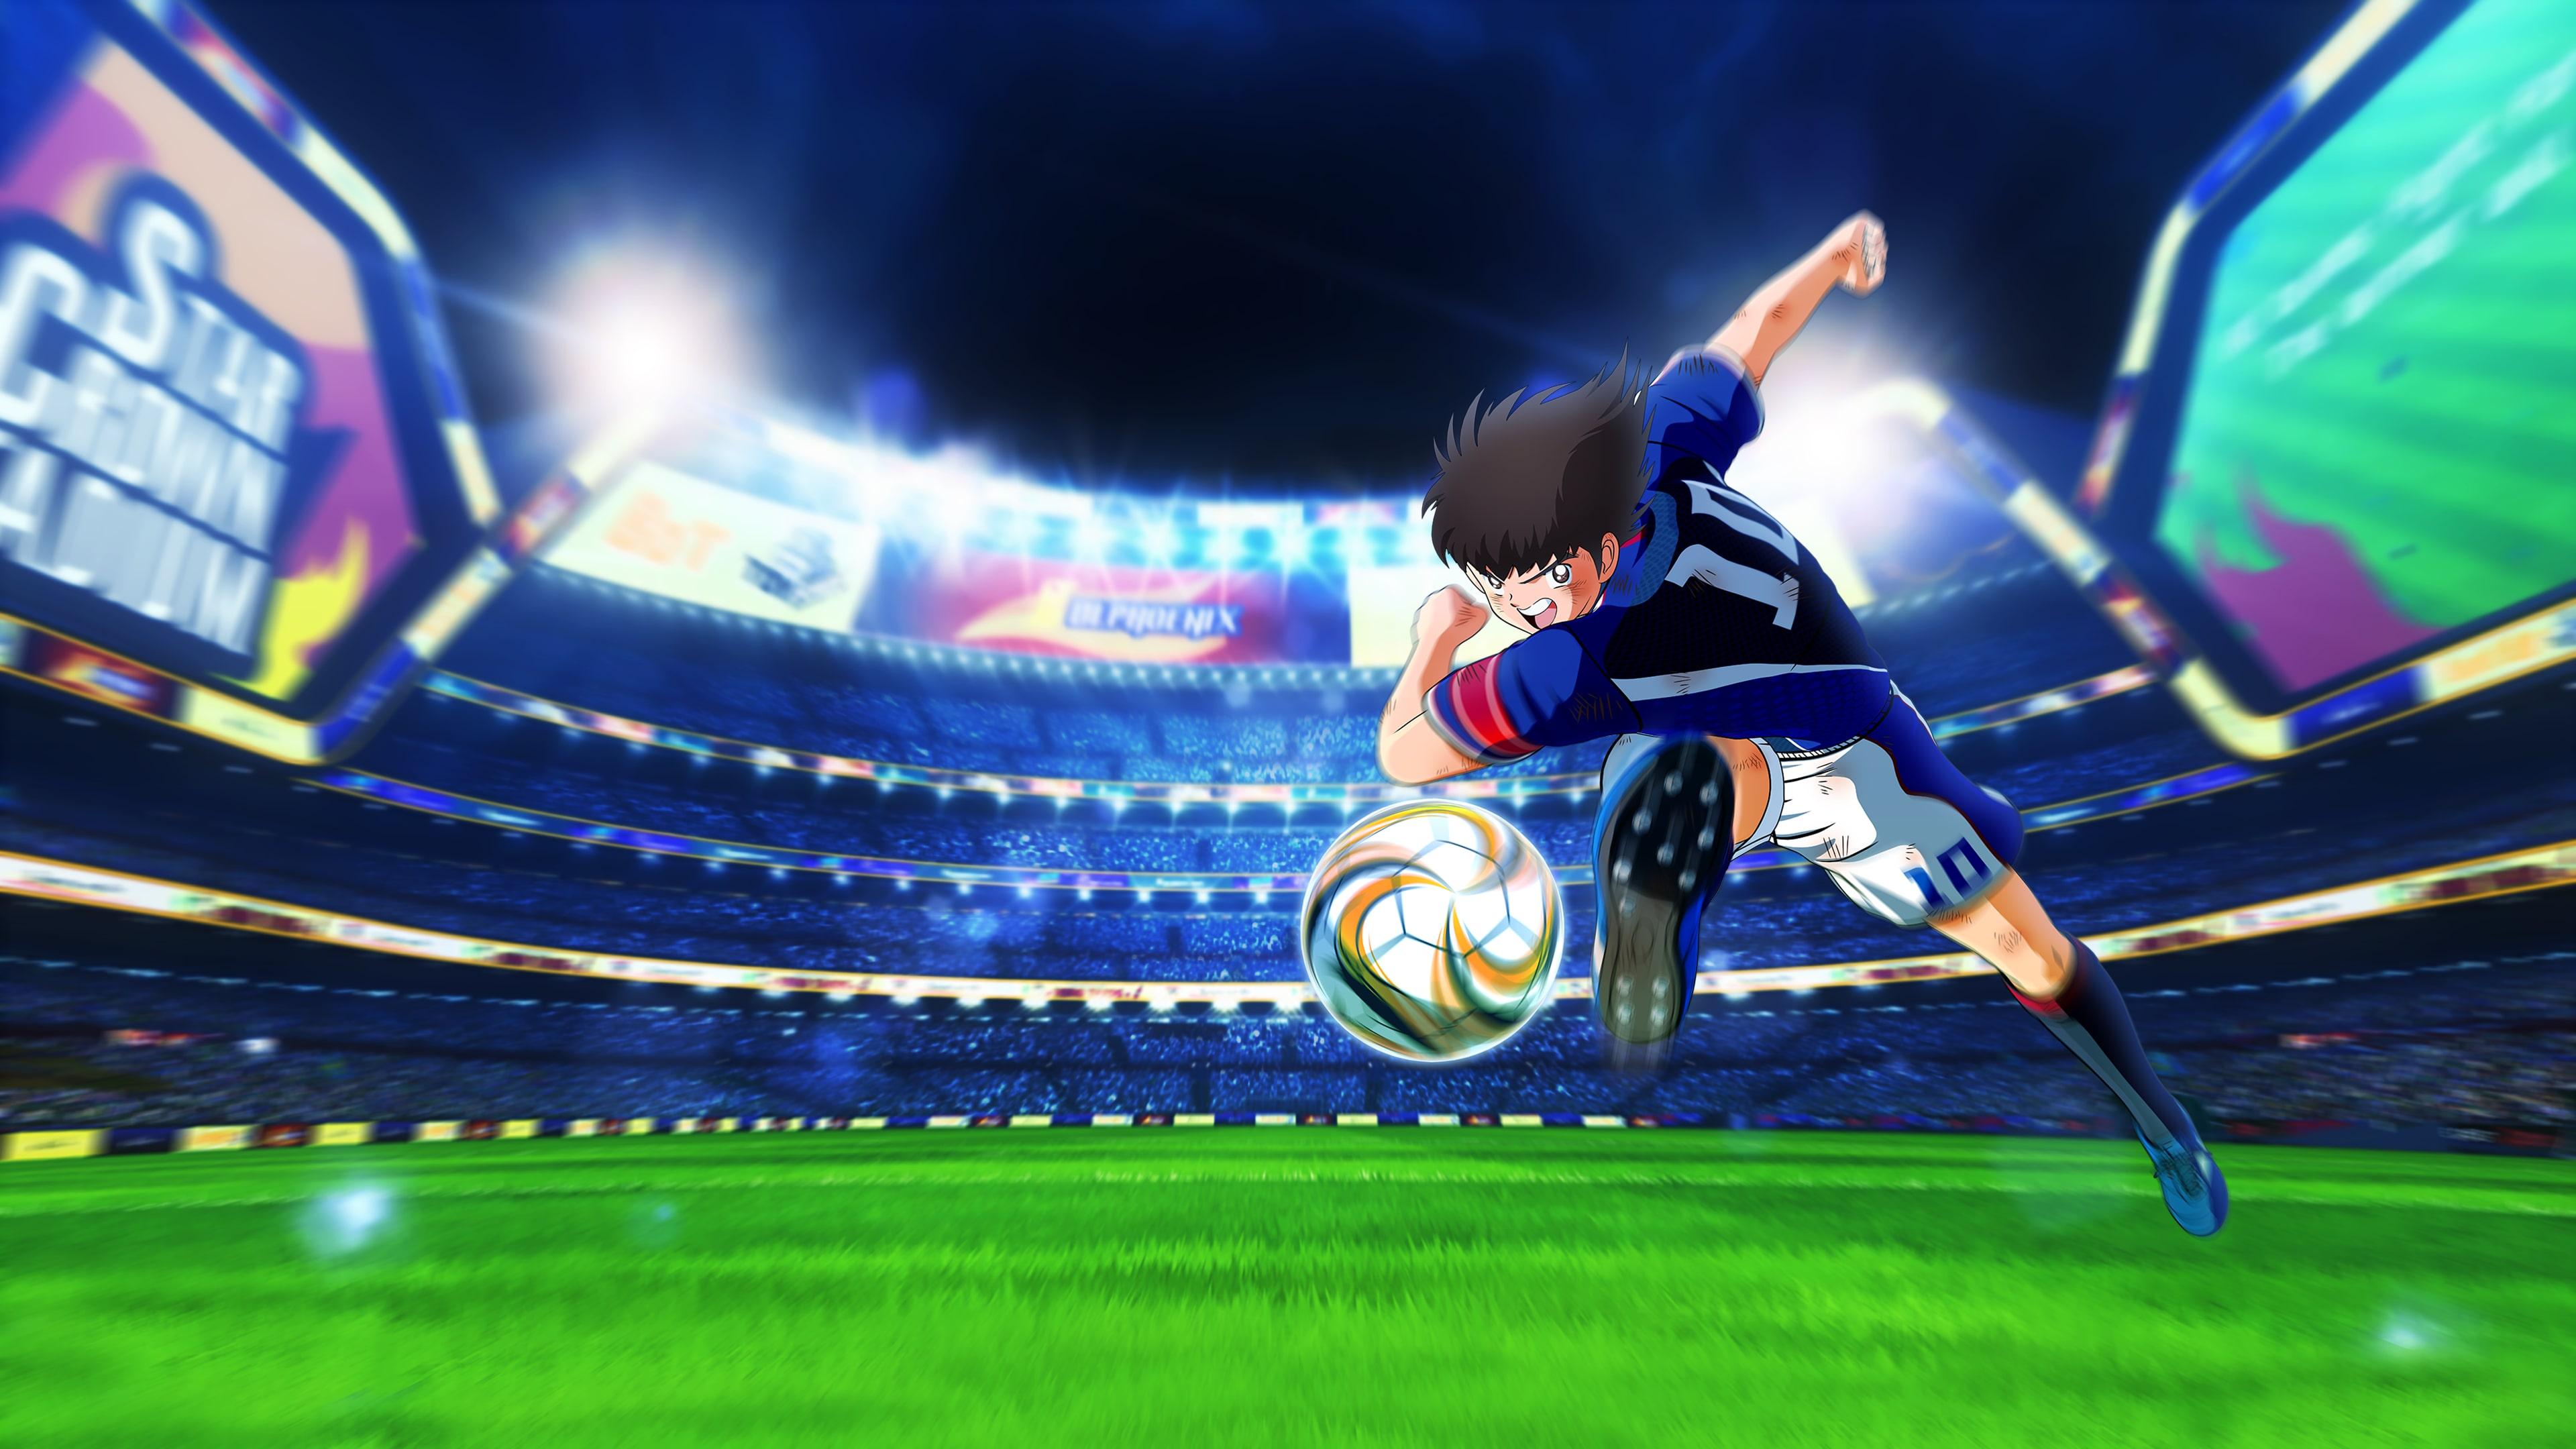 Demo de Captain Tsubasa: Rise of New Champions